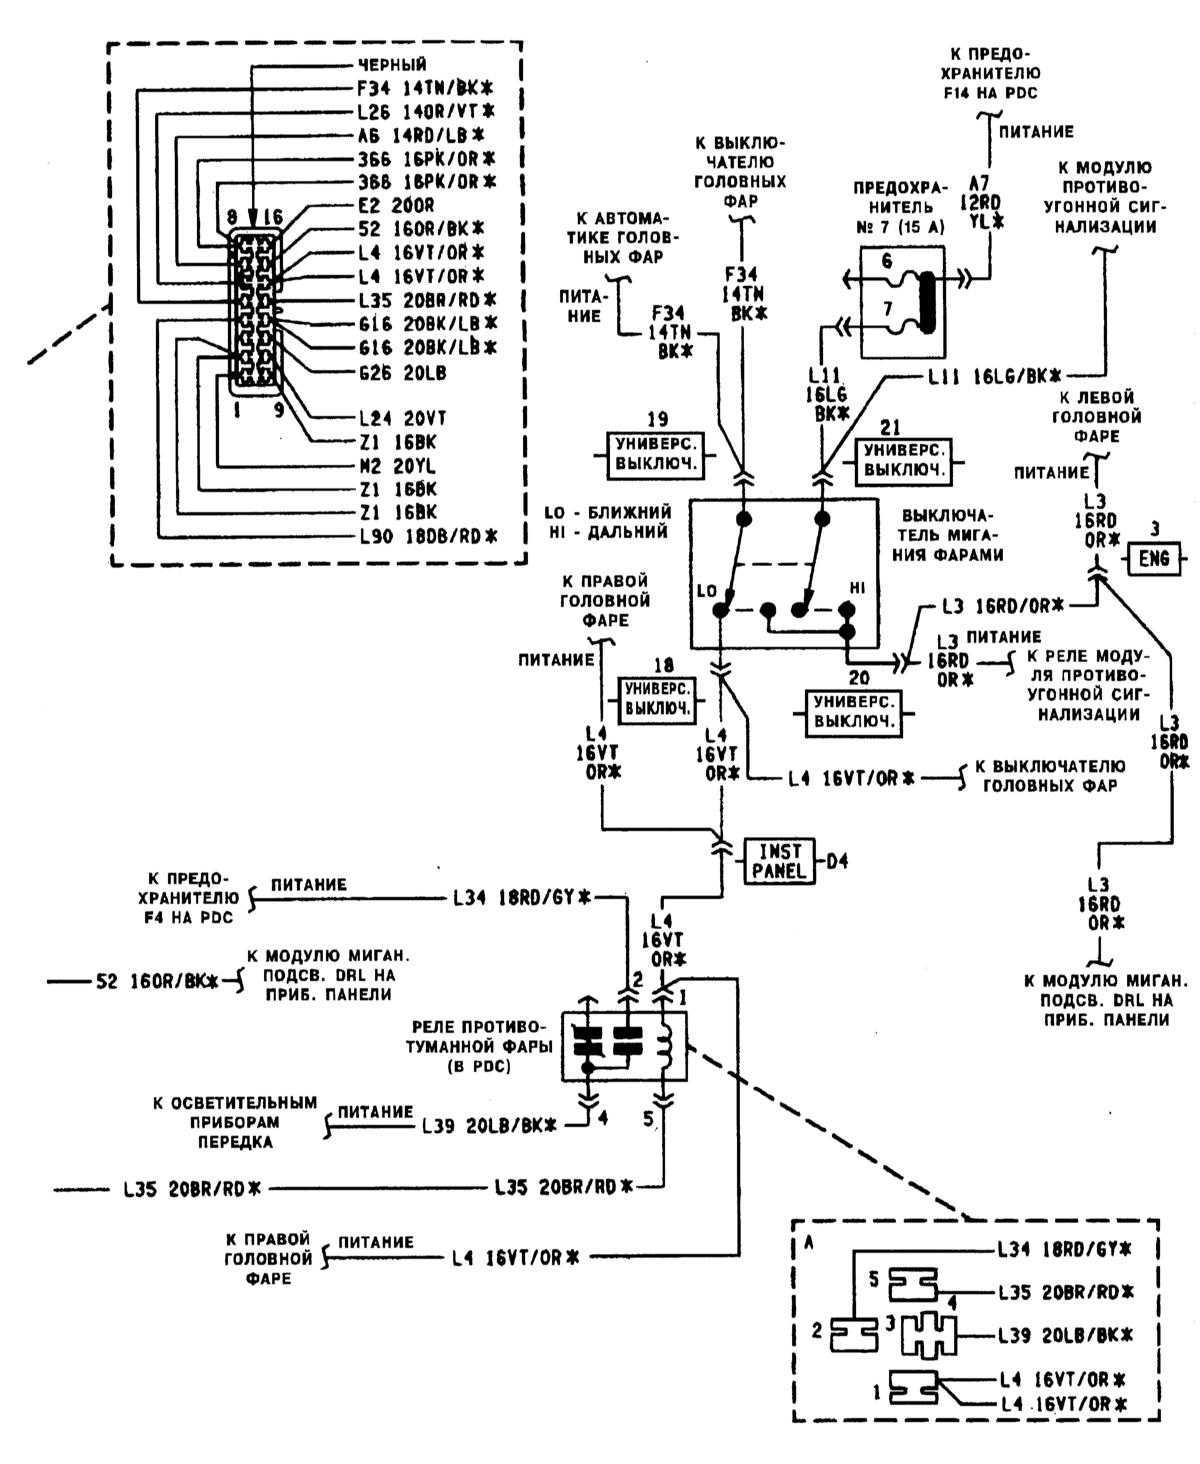 Ремонт и обслуживание/ Jeep Grand Cherokee 1993-1999 17.28 Электрические схемы - общая информация.